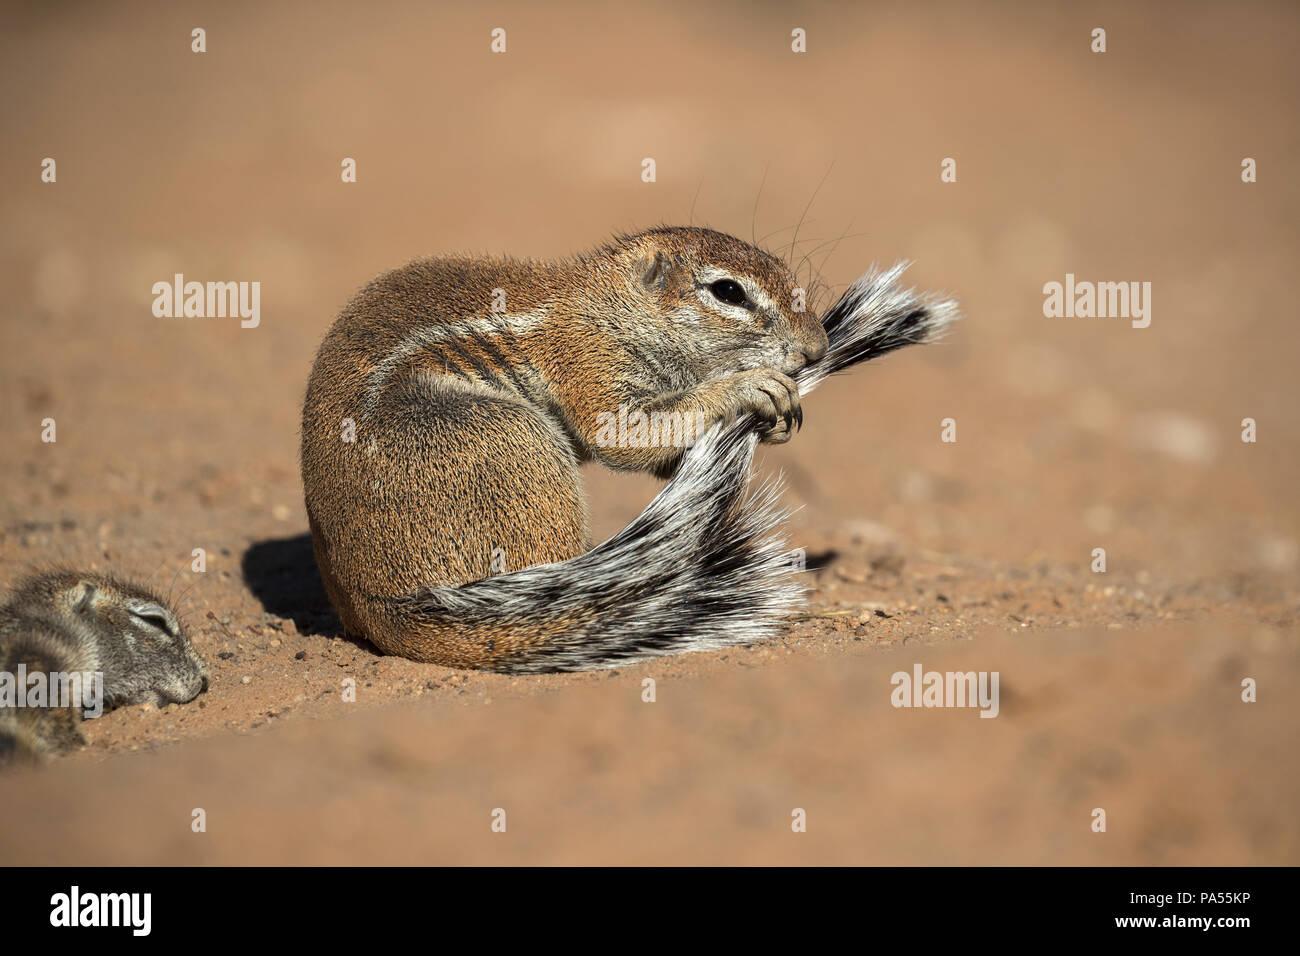 Borstenhörnchen (Xerus Inauris) Pflege, Kgalagadi Transfrontier Park, Northern Cape, Südafrika Stockfoto